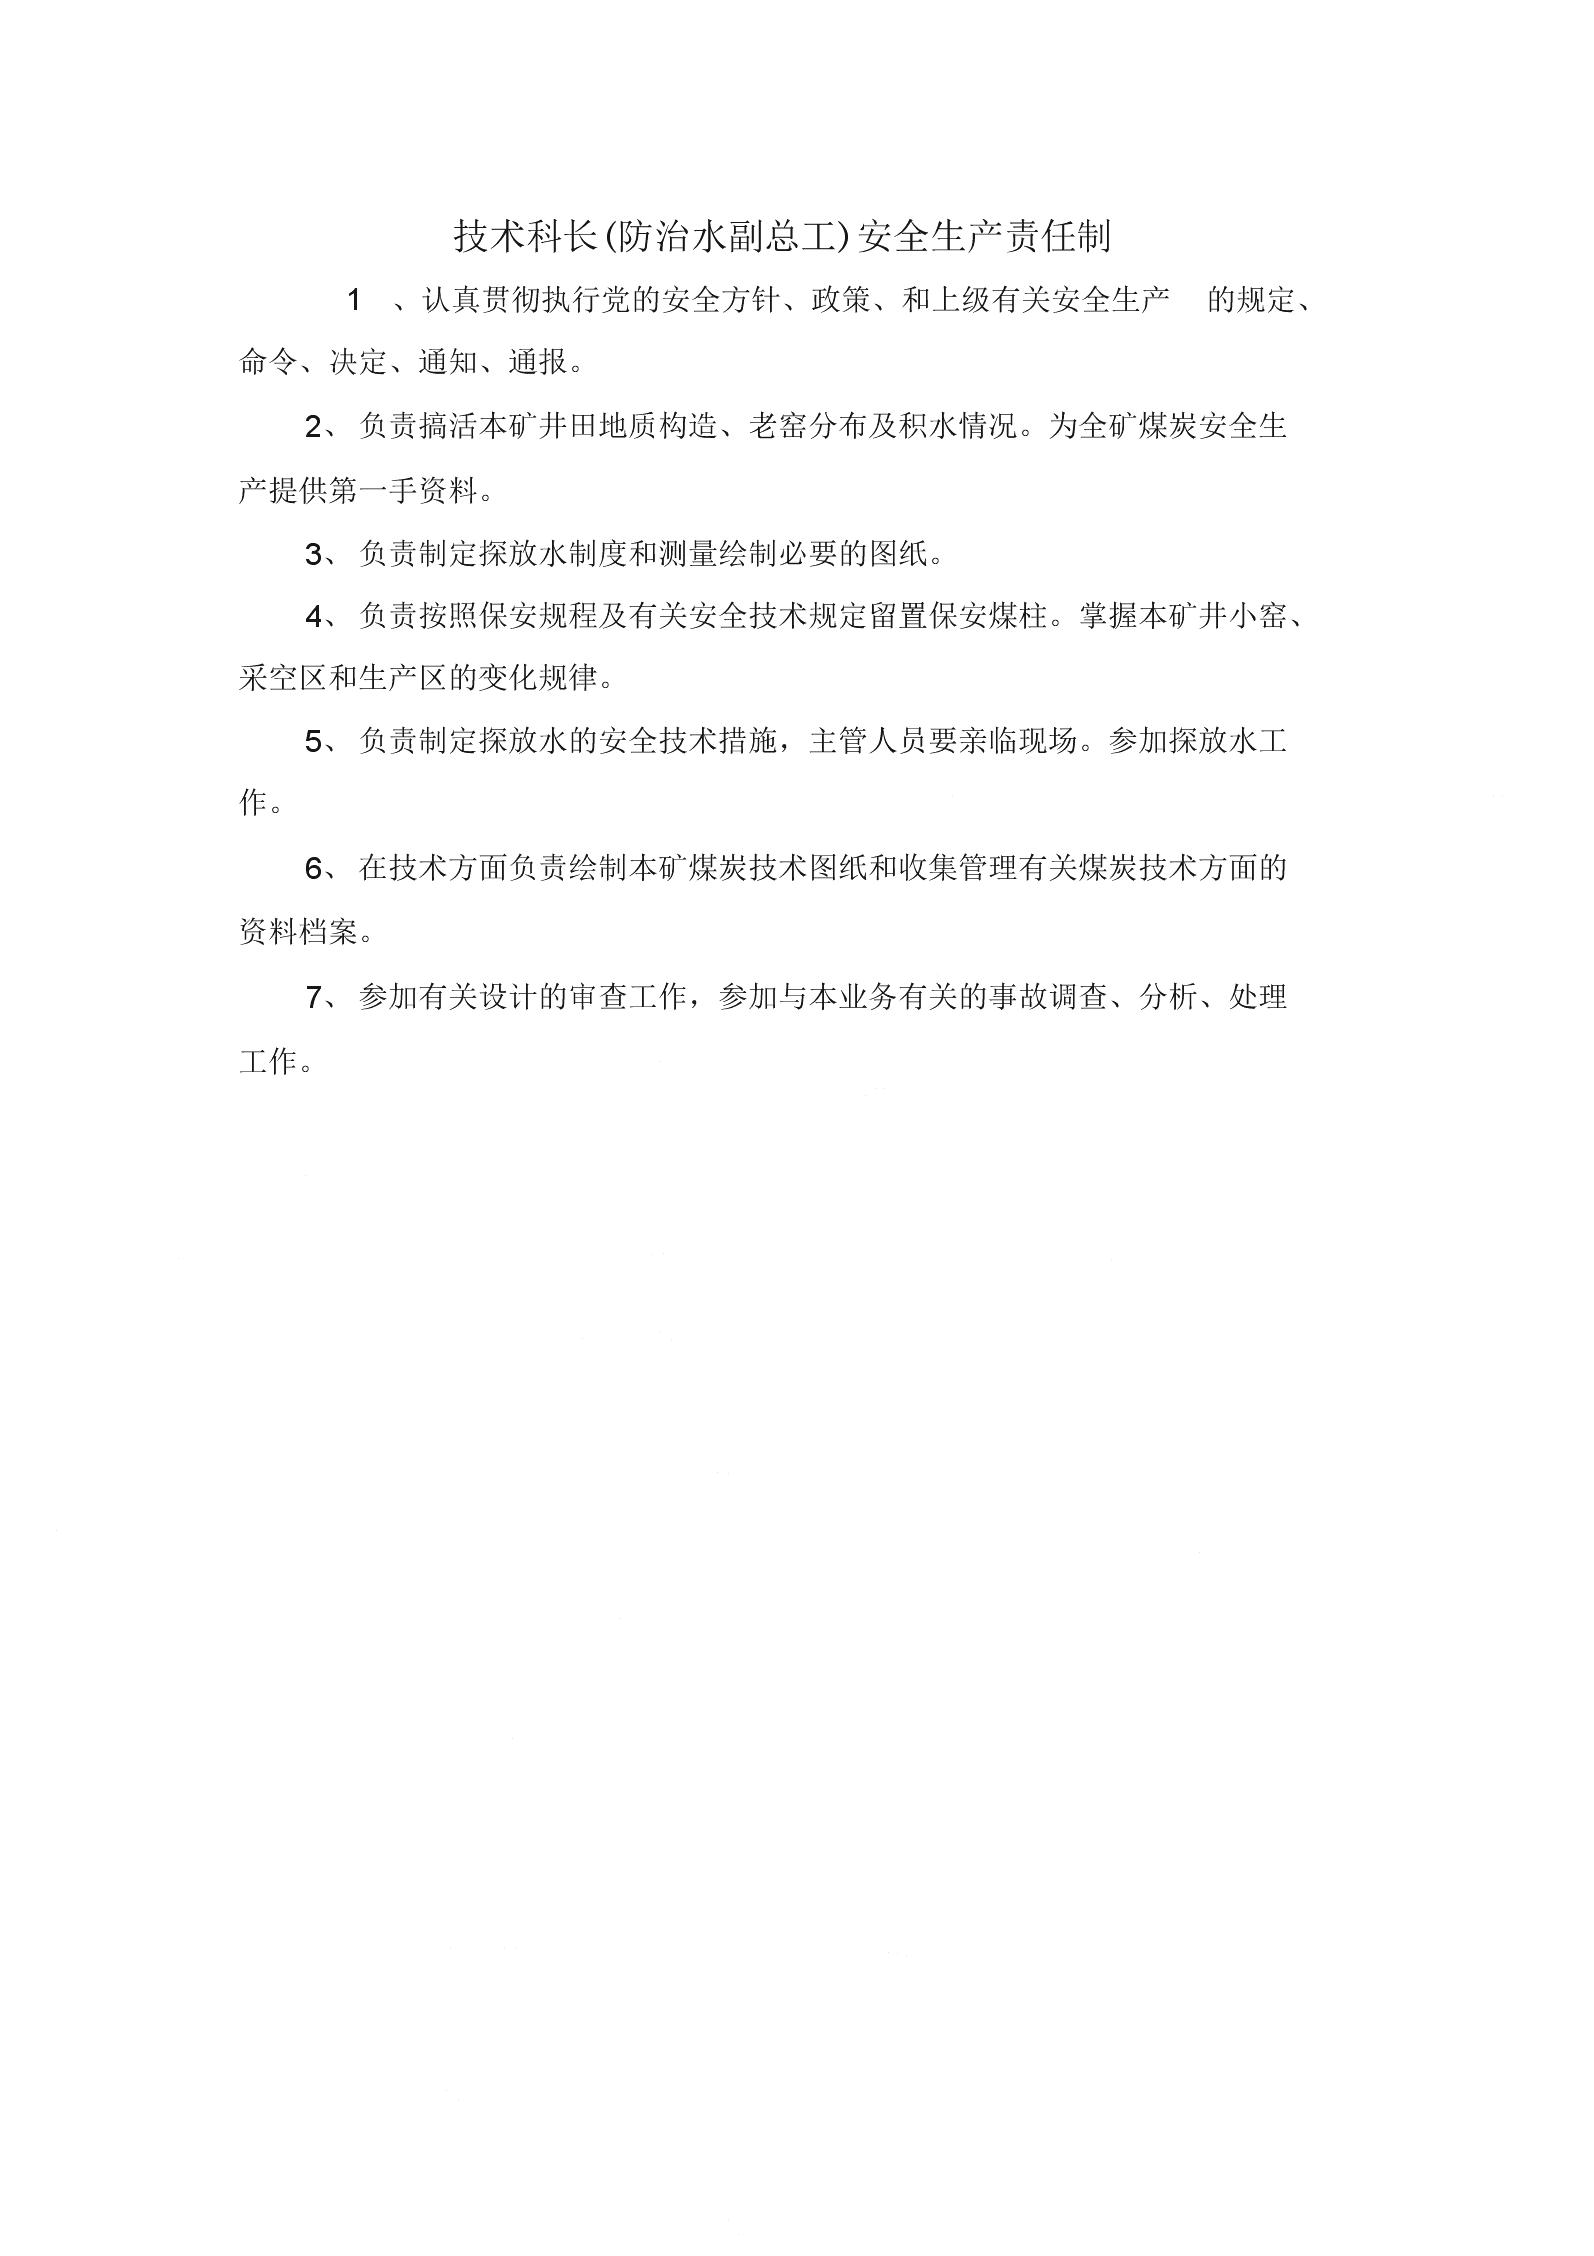 技术科长(防治水副总工)安全生产责任制.docx